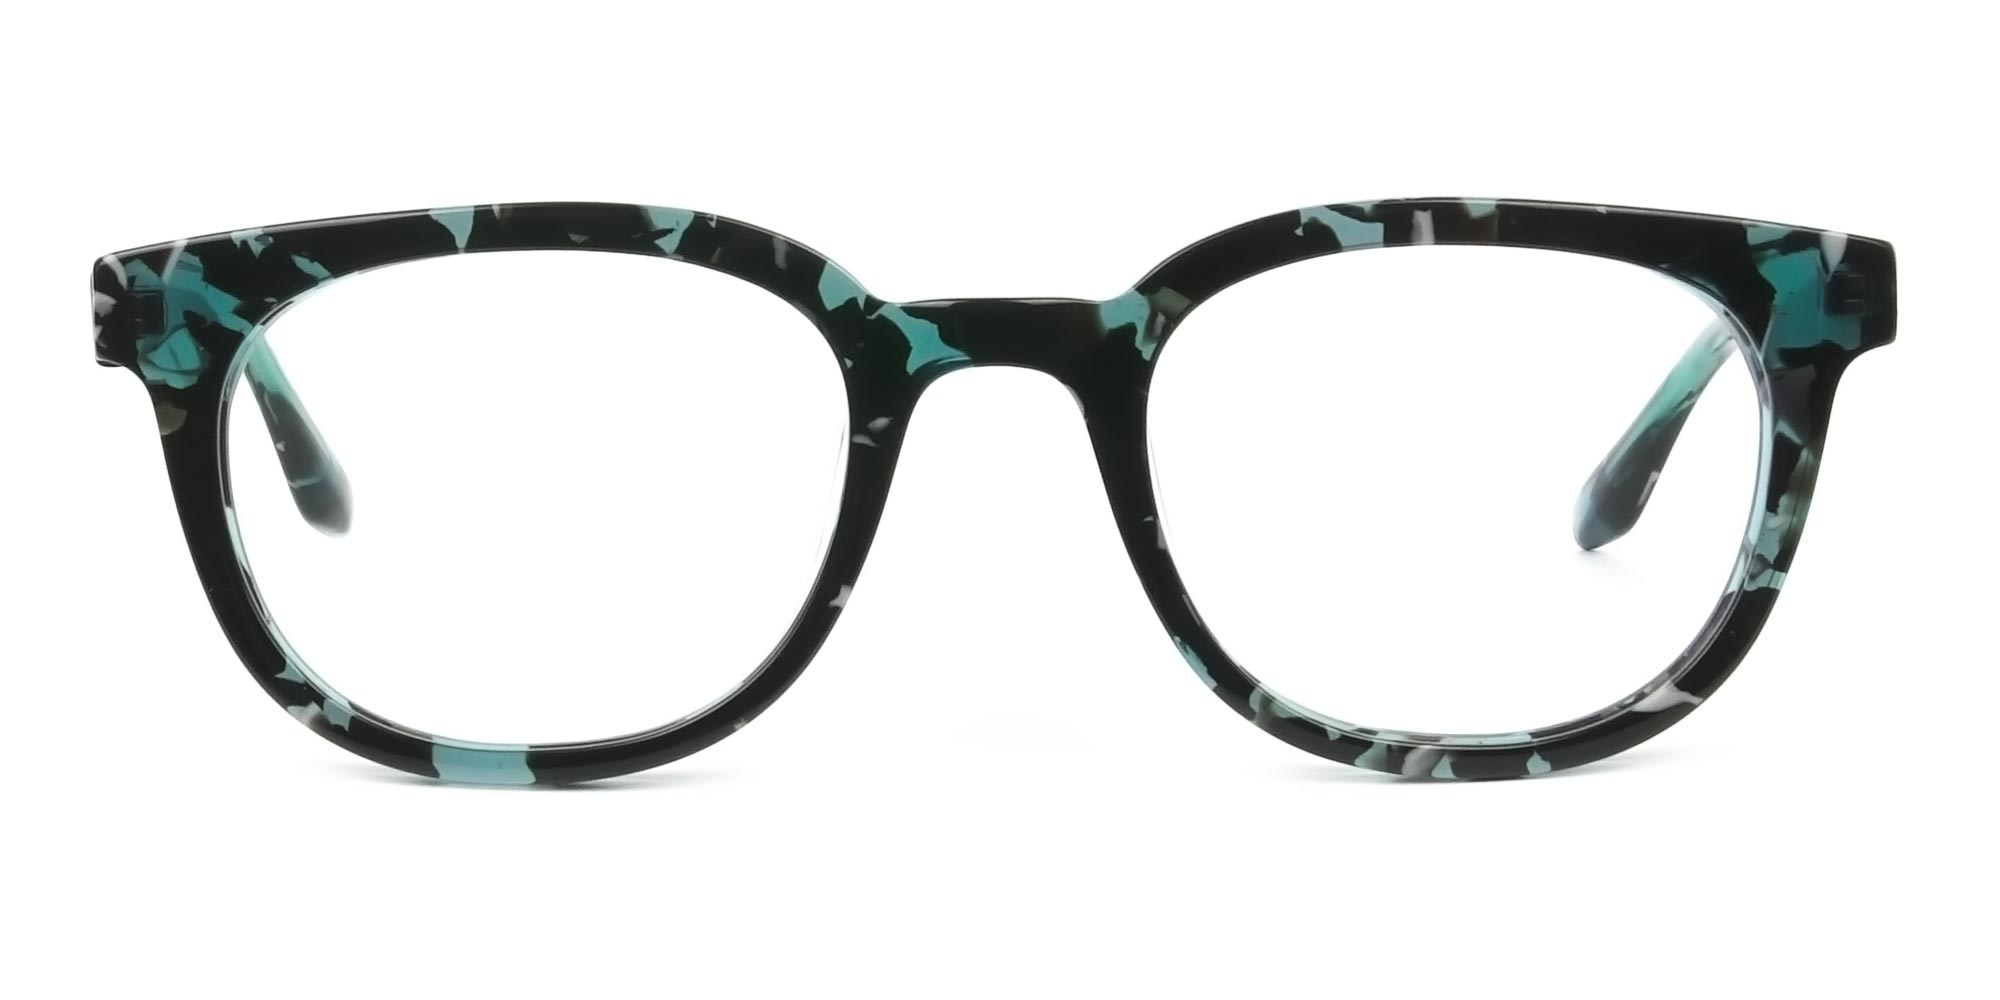 Hipster Tortoise Turquoise Green Glasses